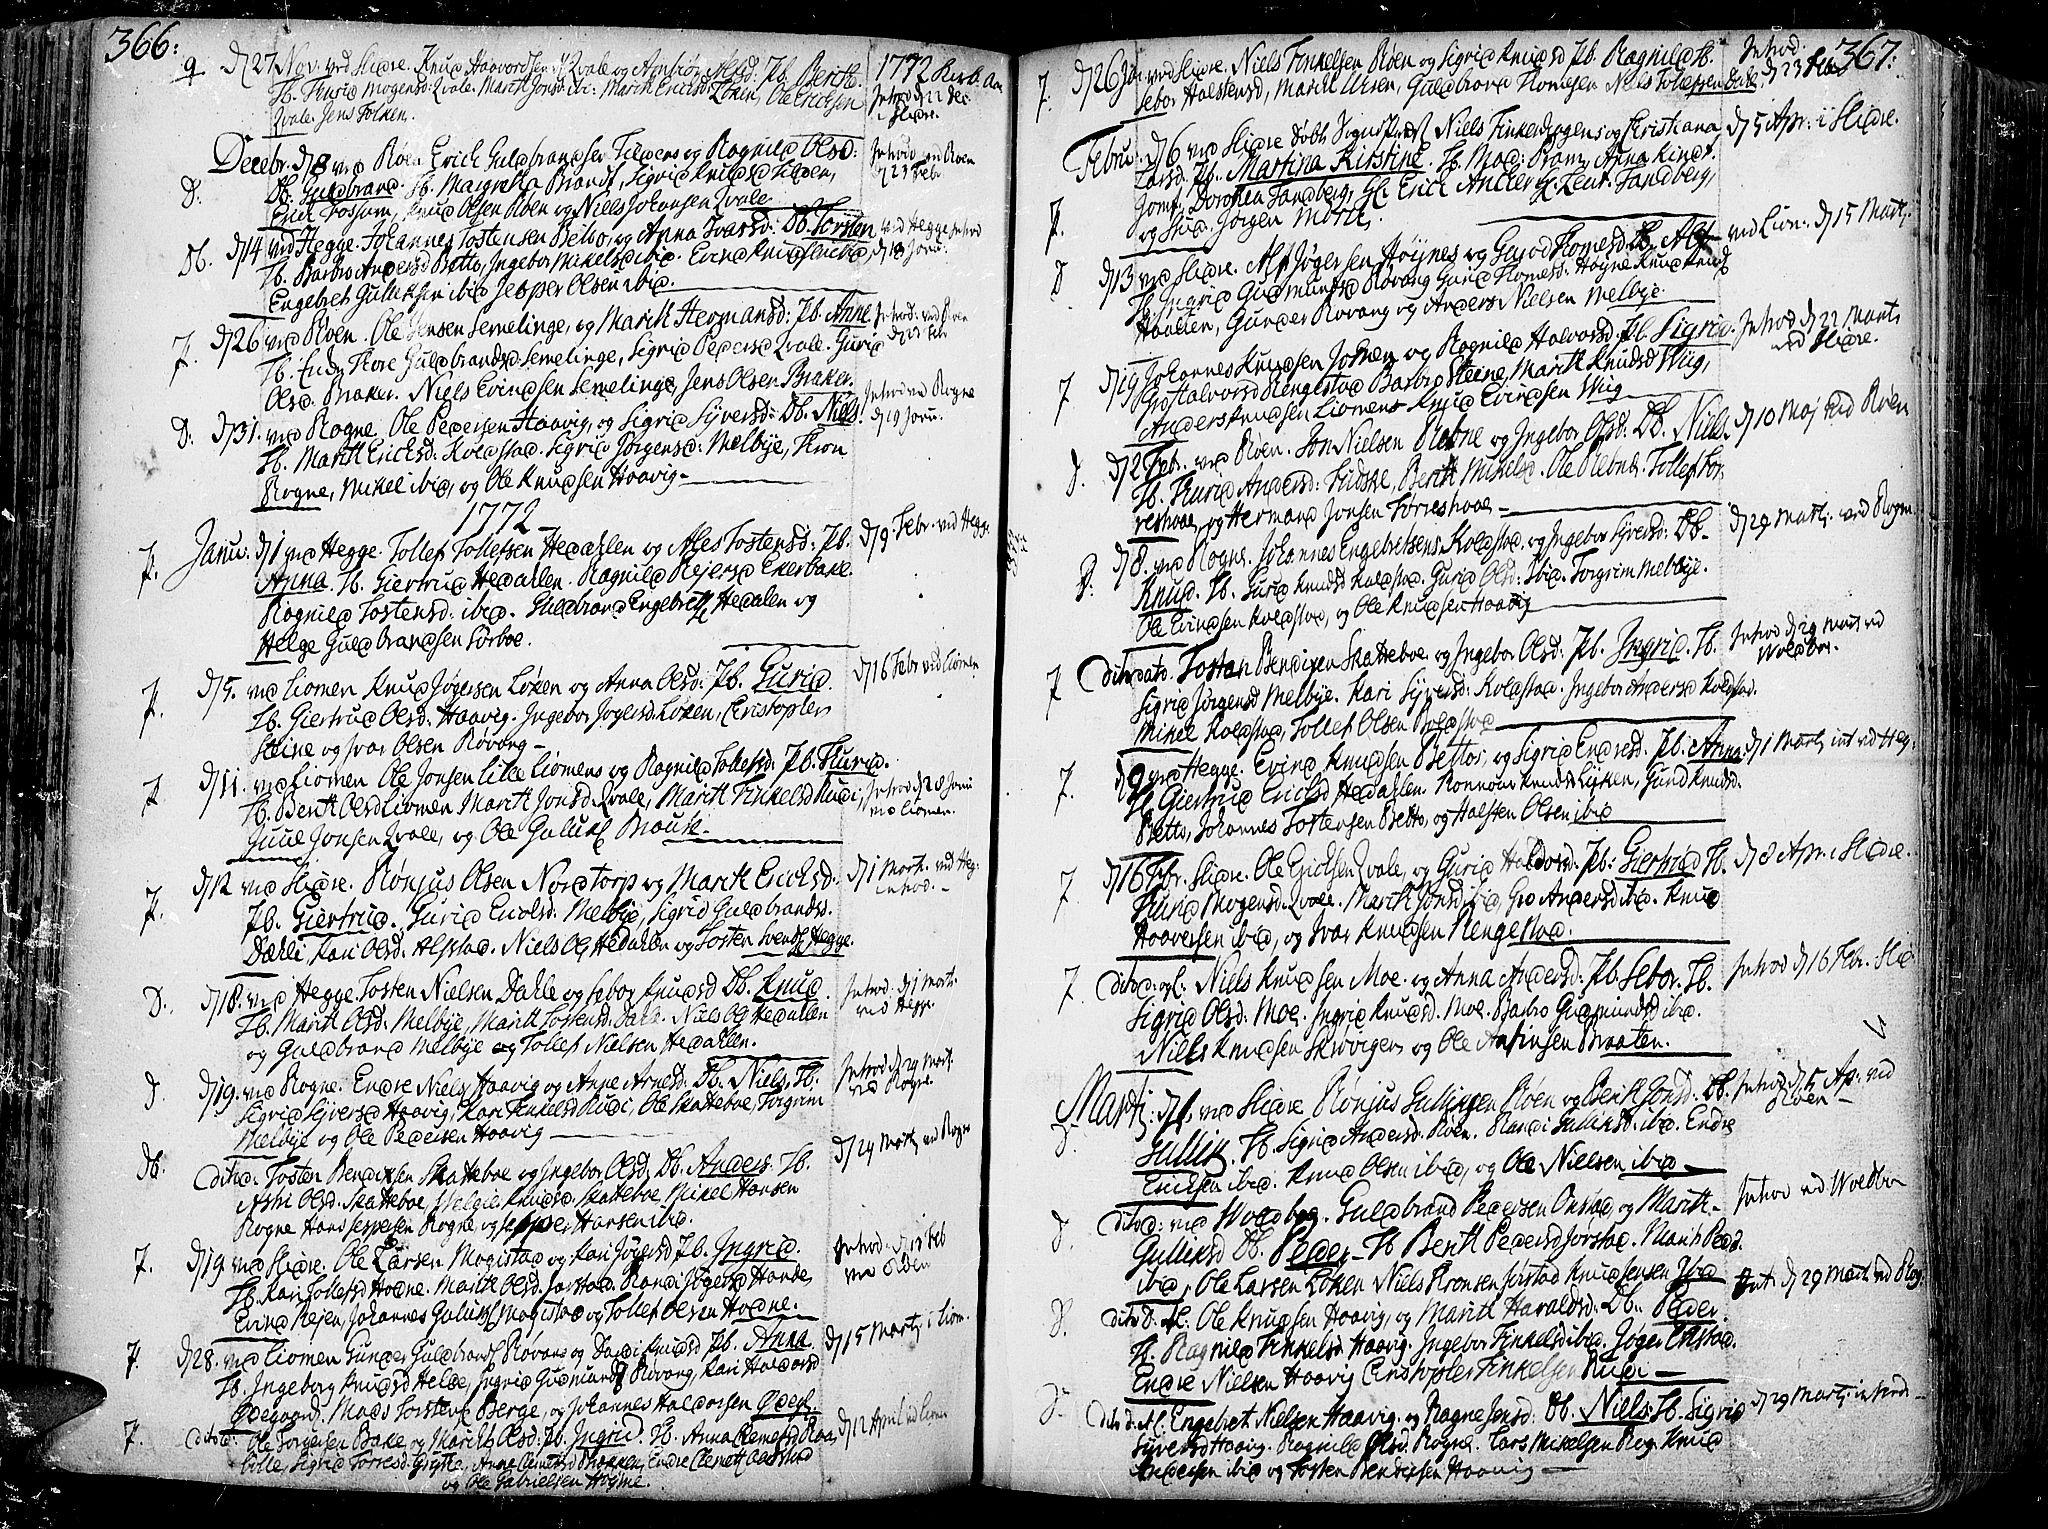 SAH, Slidre prestekontor, Ministerialbok nr. 1, 1724-1814, s. 366-367